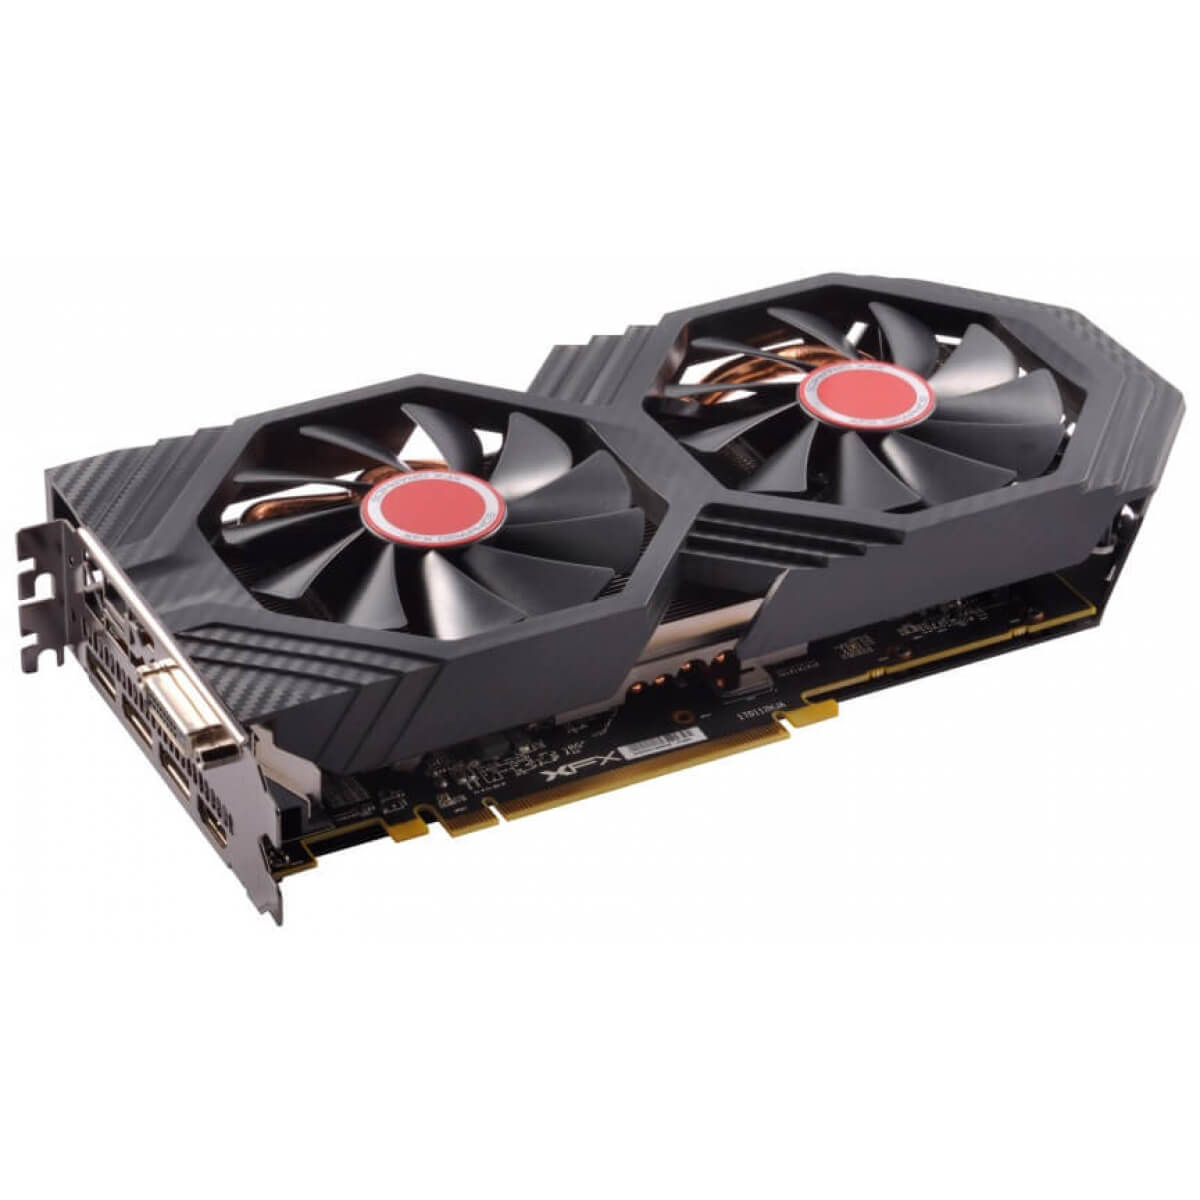 Placa de Video XFX Radeon, RX 580 Dual OC 8GB GDDR5 256Bits, RX-580P8DFD6